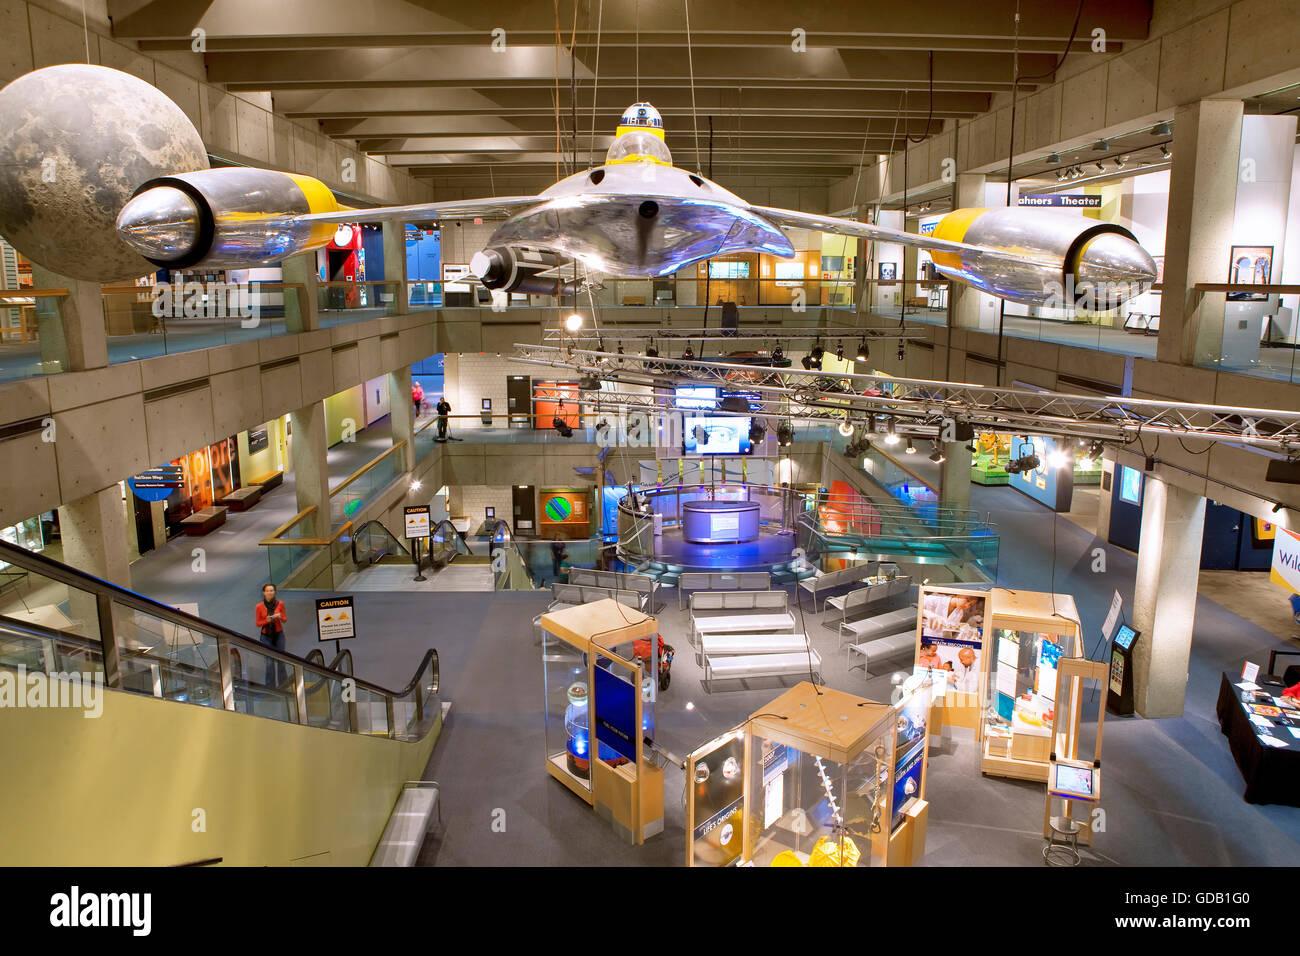 El hall del museo de ciencias en Boston. Imagen De Stock